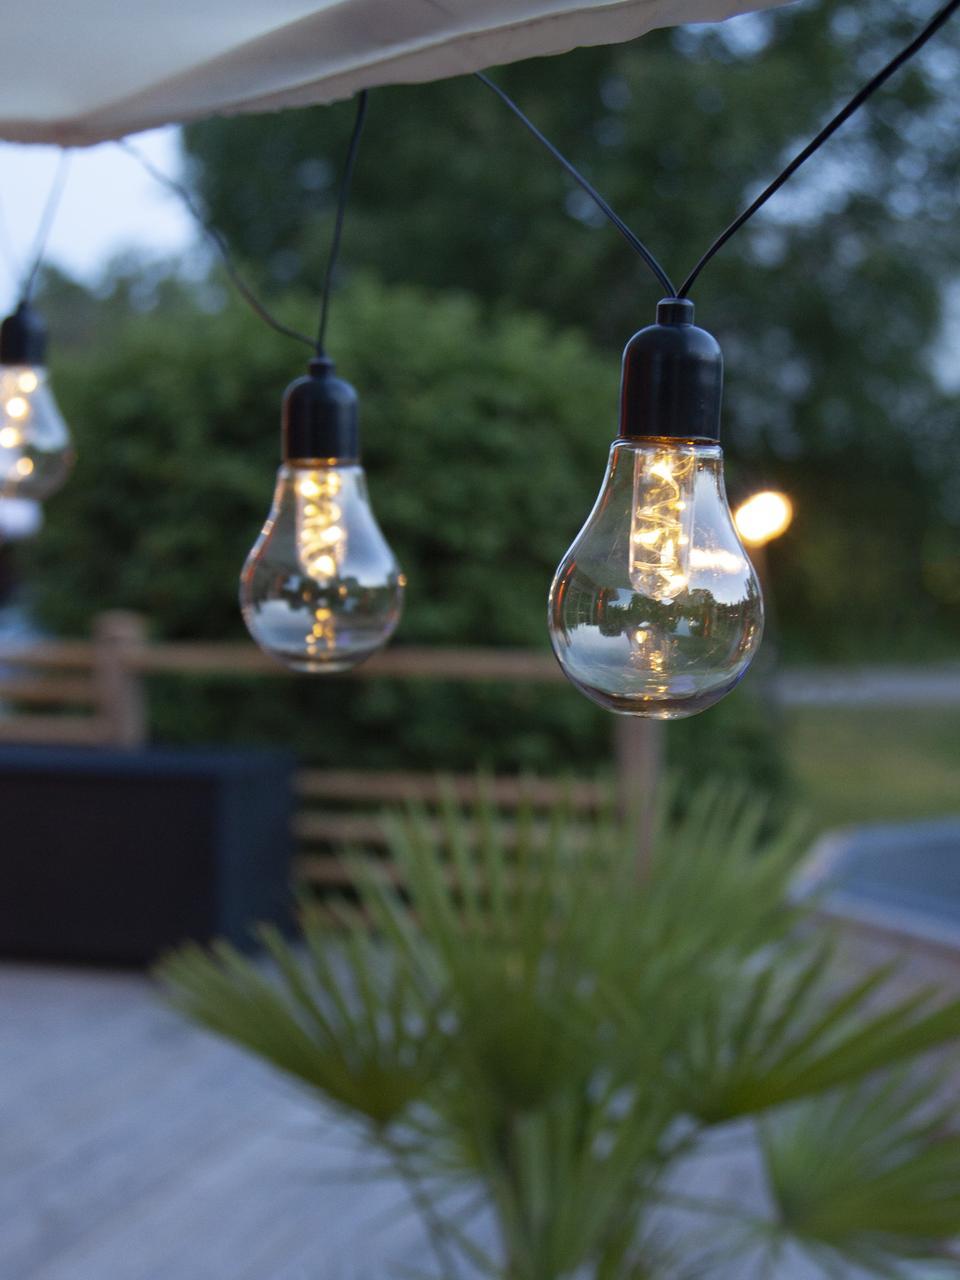 Girlanda świetlna LED Glow, 505 cm i 10 lampionów, Transparentny, czarny, D 505 cm